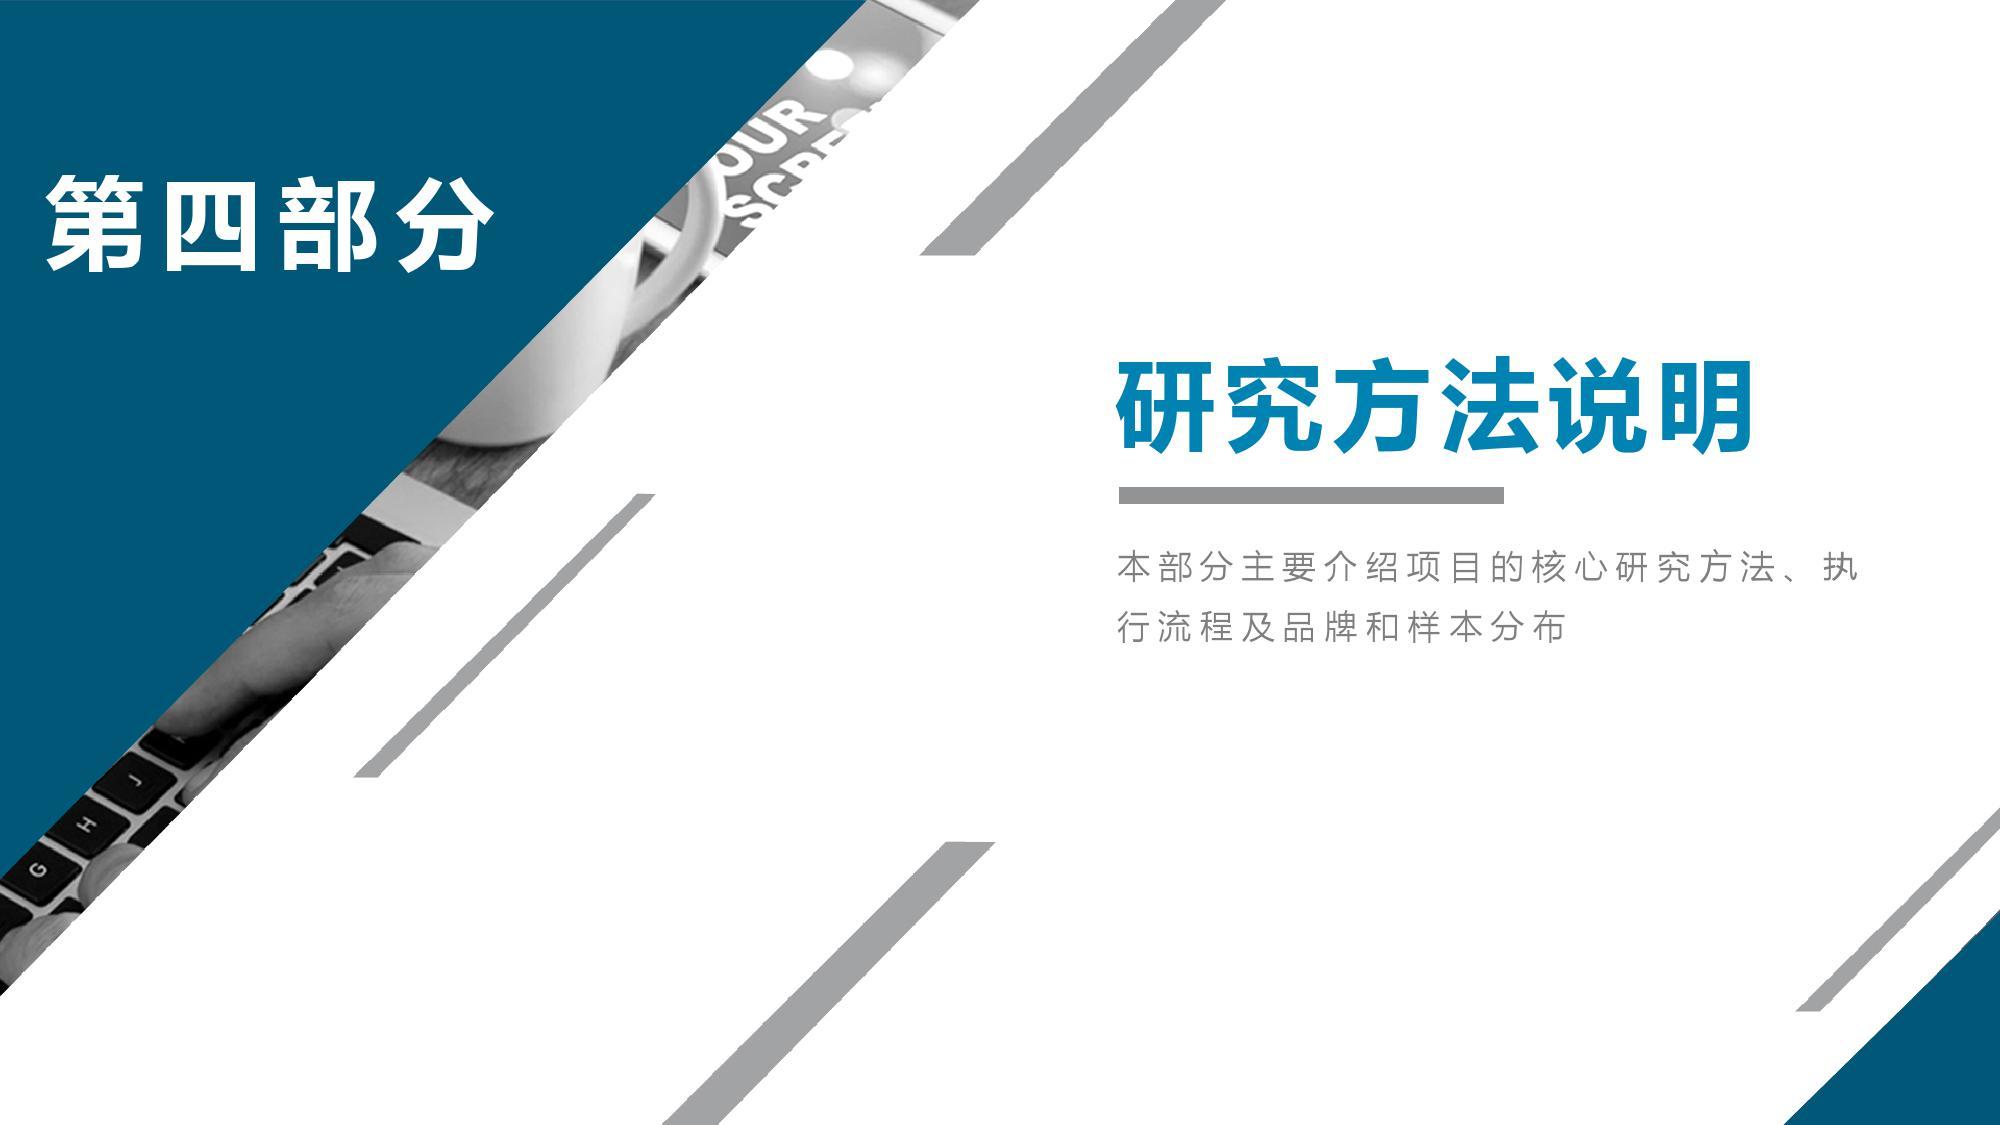 抖音 DTV 广告营销价值白皮书-CNMOAD 中文移动营销资讯 35